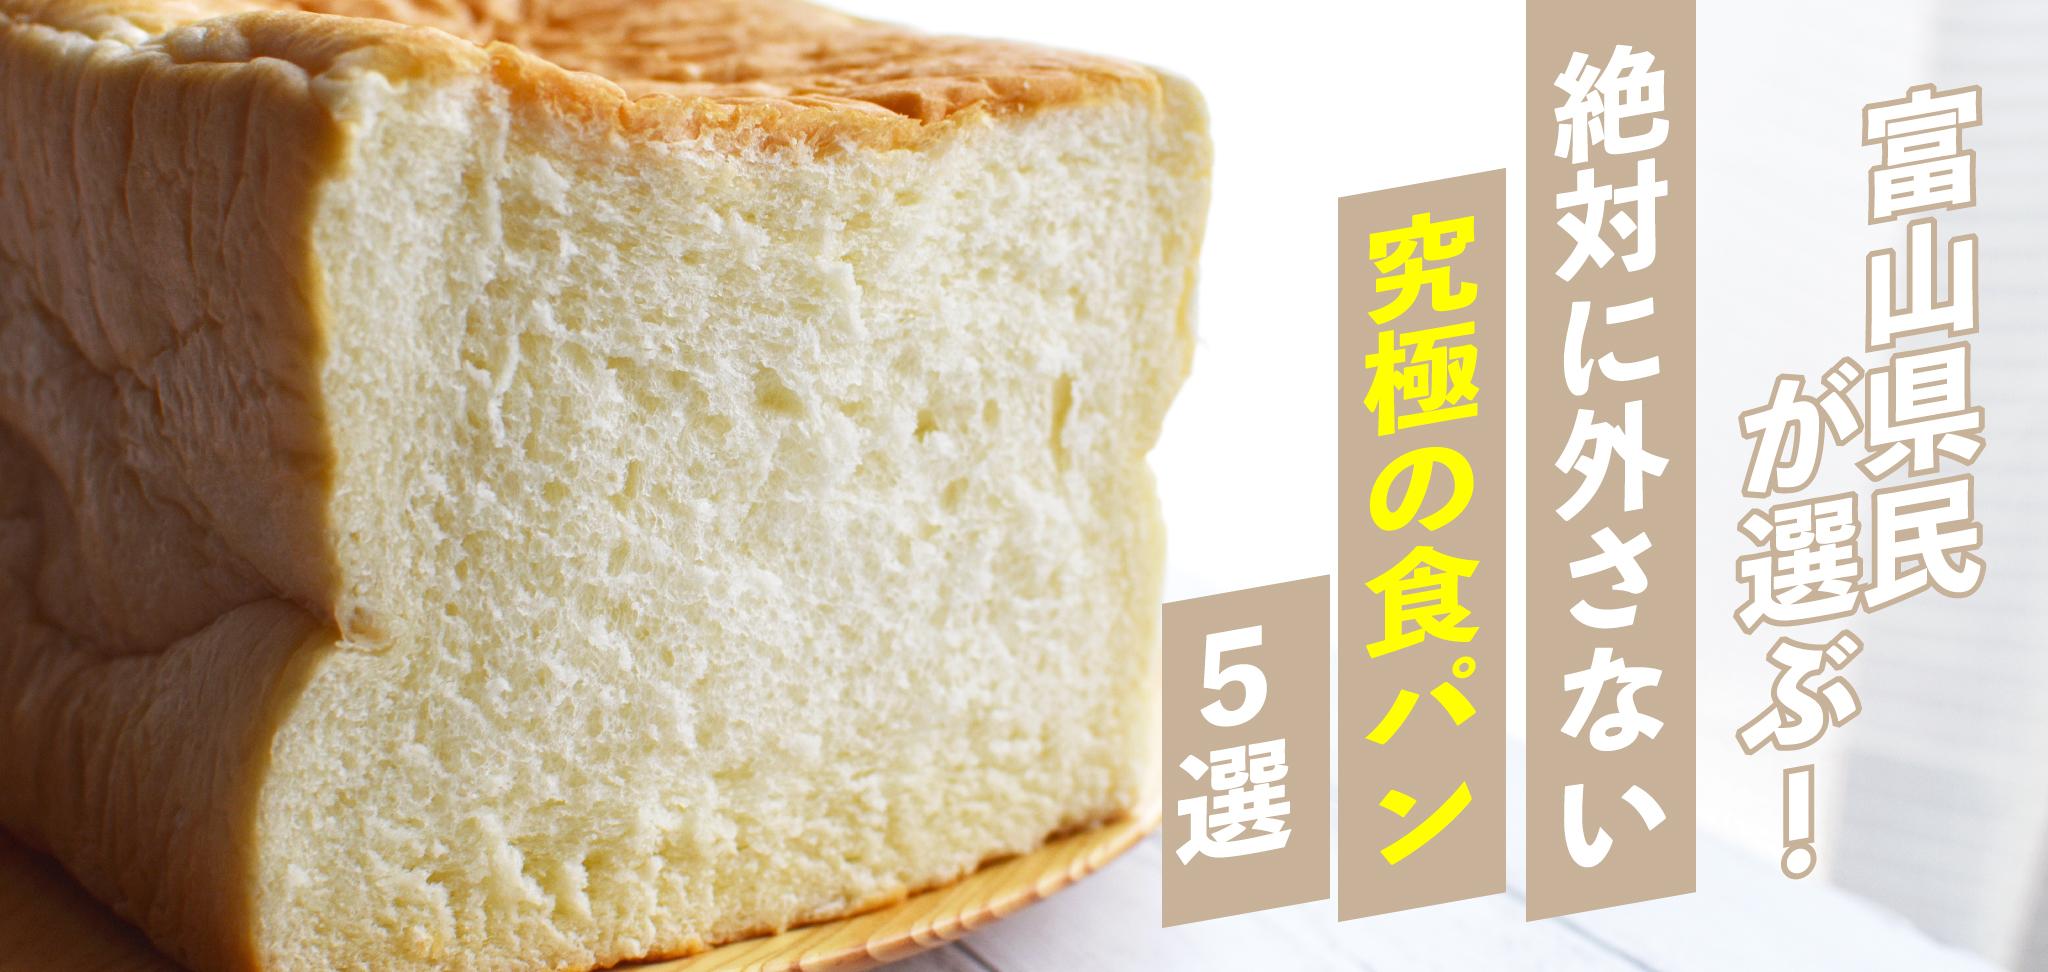 市 食パン 高岡